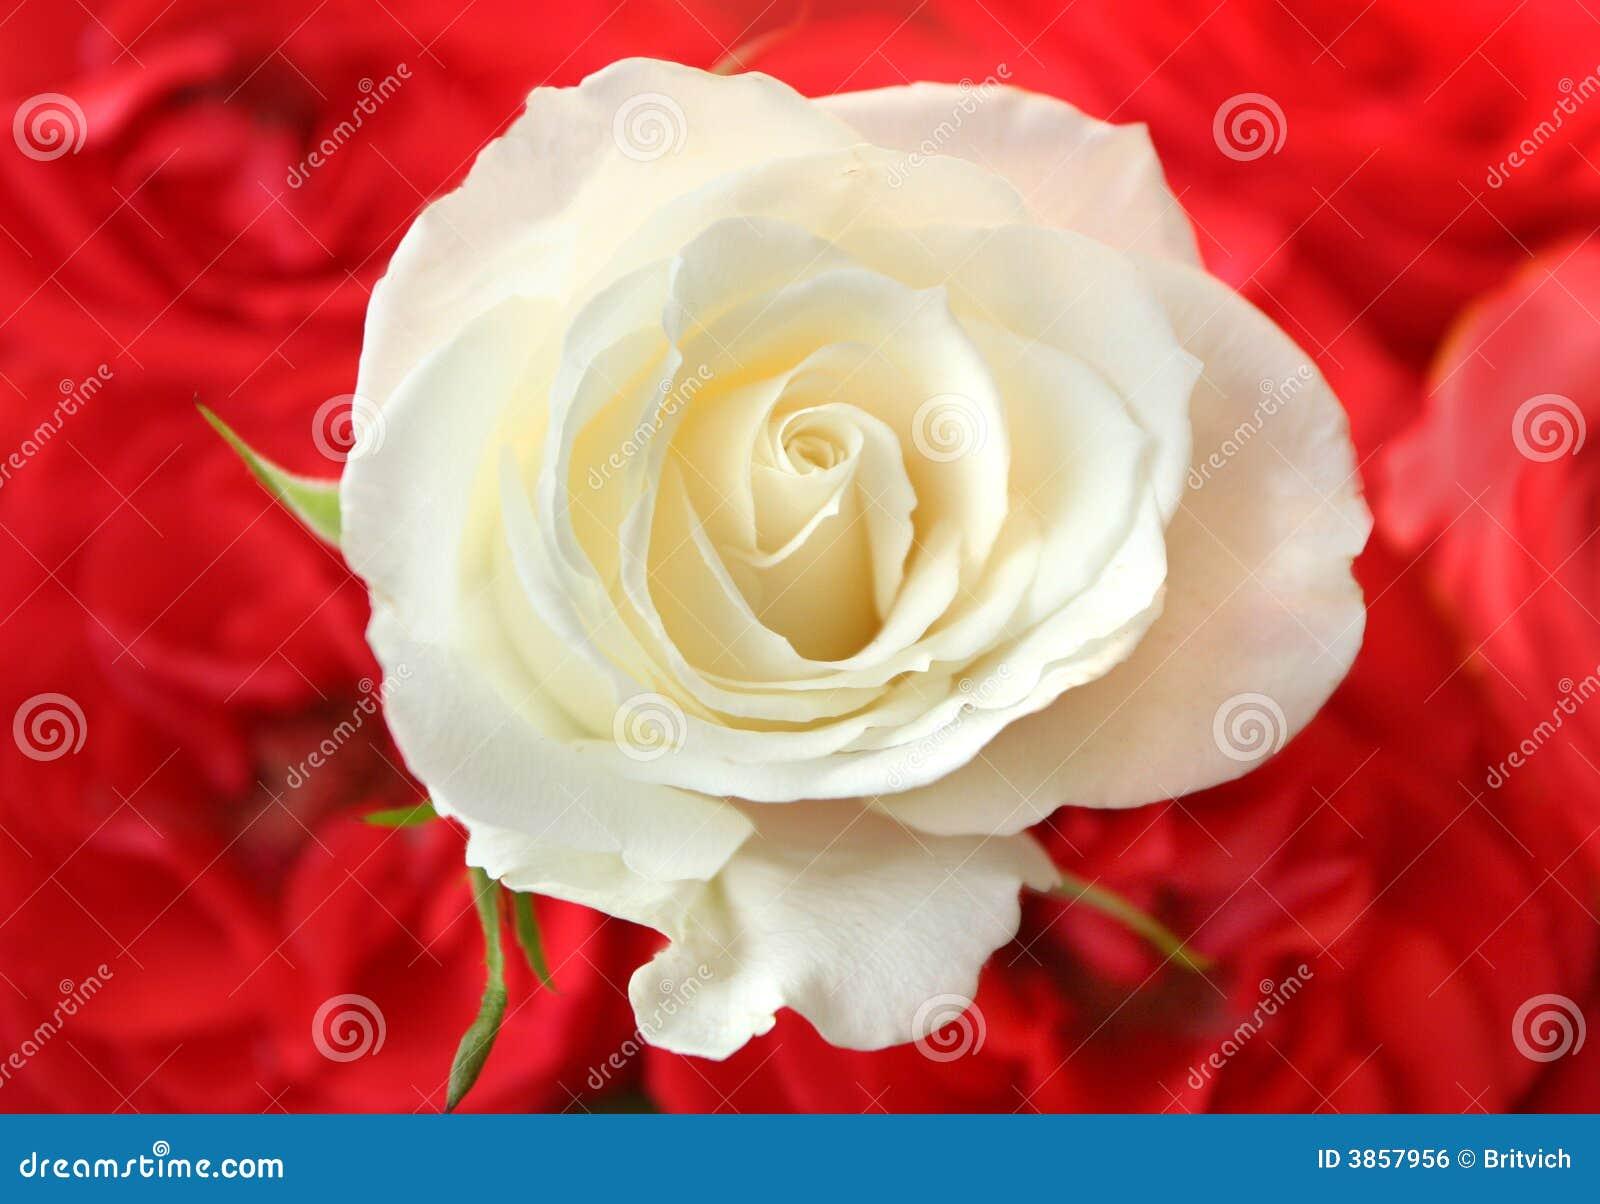 Rosas Blancas Imagen de archivo libre de regalías - Imagen: 3857956